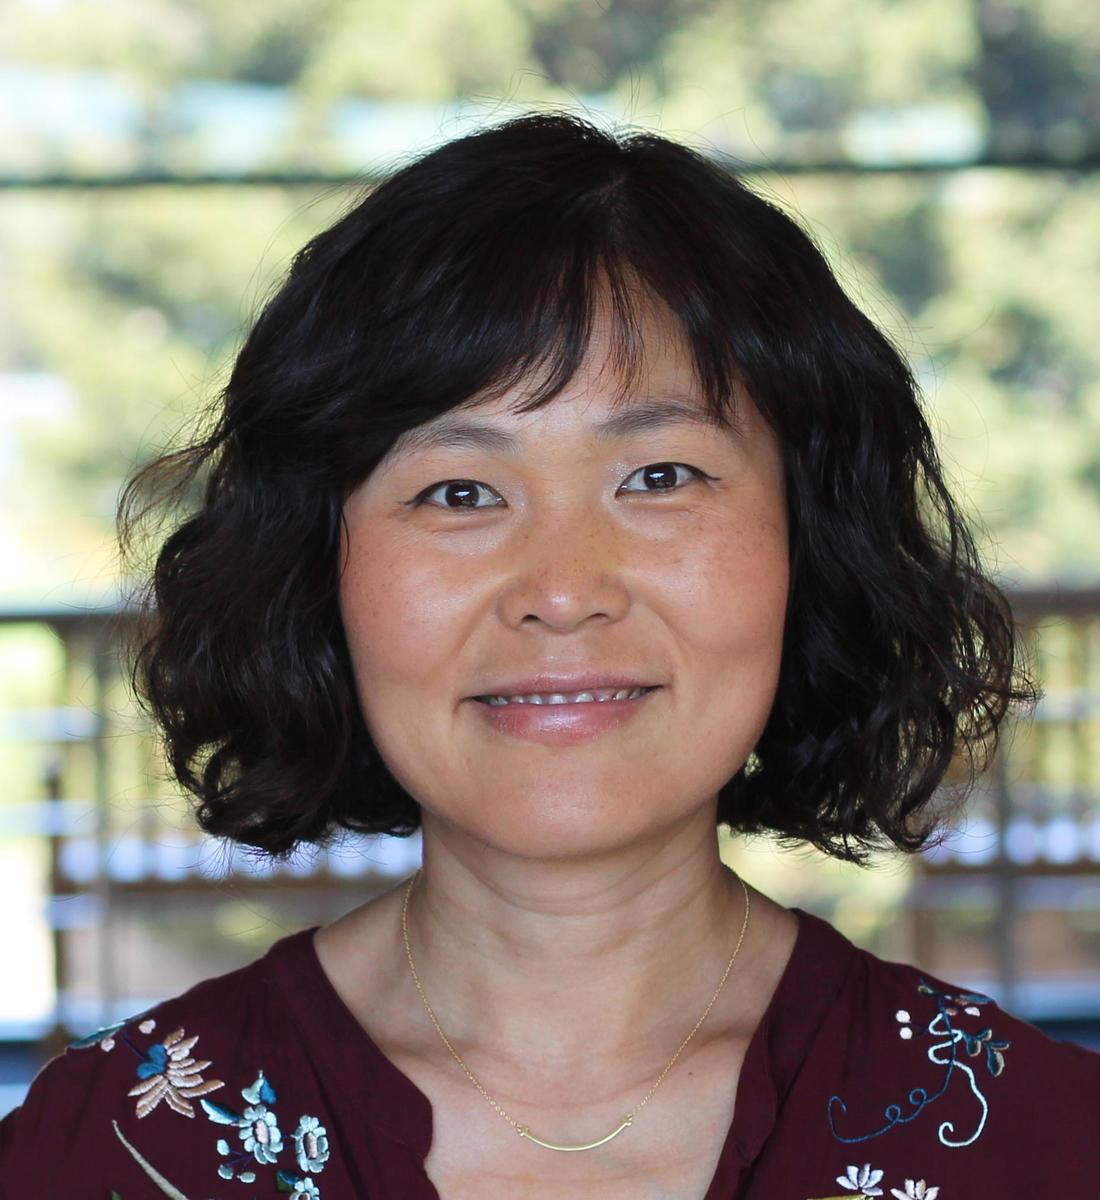 Christine Zhou